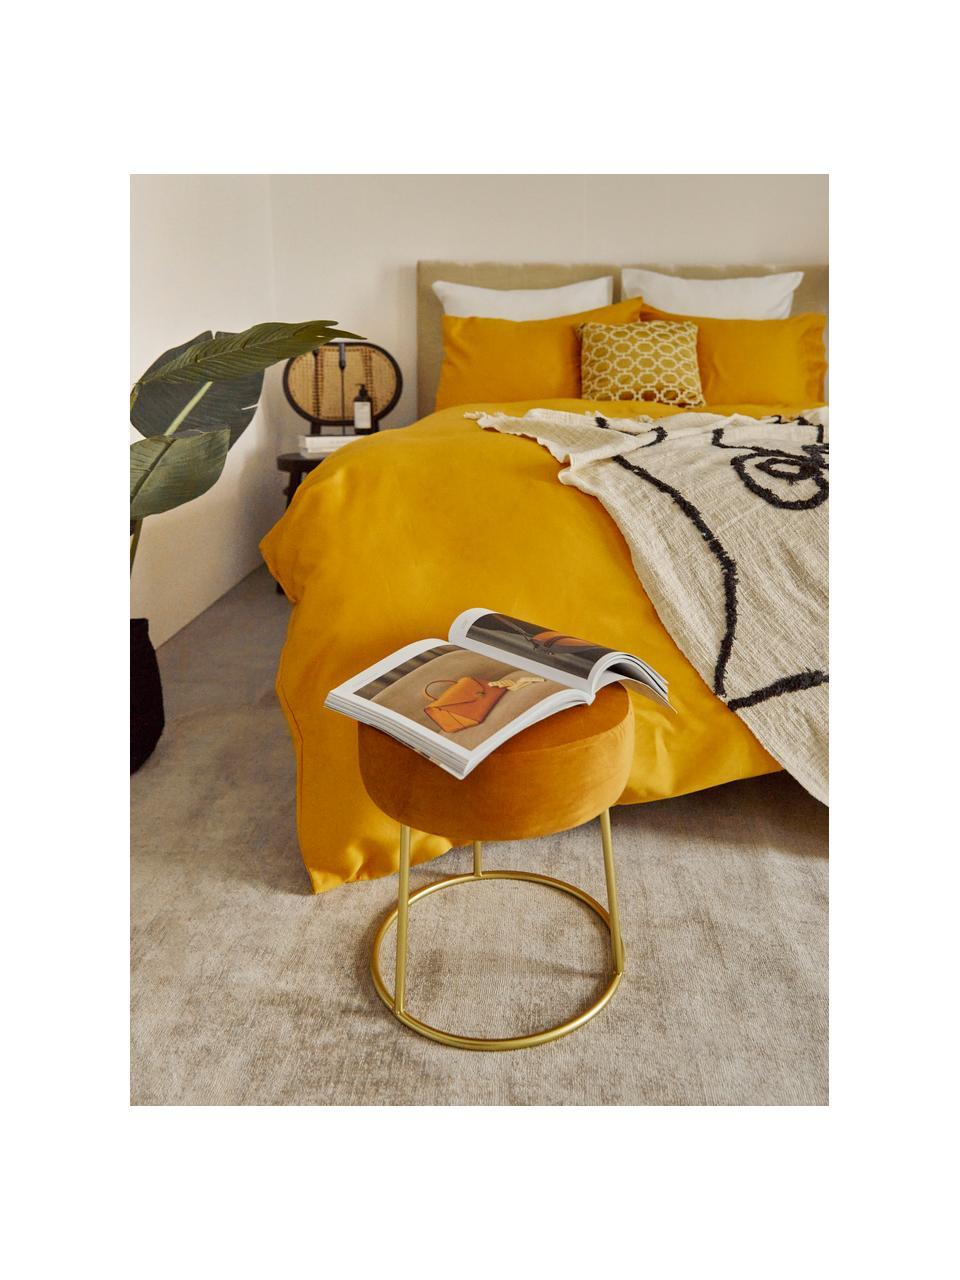 Runder Samt-Hocker Clarissa, Bezug: 100% Polyestersamt, Korpus: Mitteldichte Holzfaserpla, Bezug: GelbFuß: Goldfarben, Ø 35 x H 40 cm